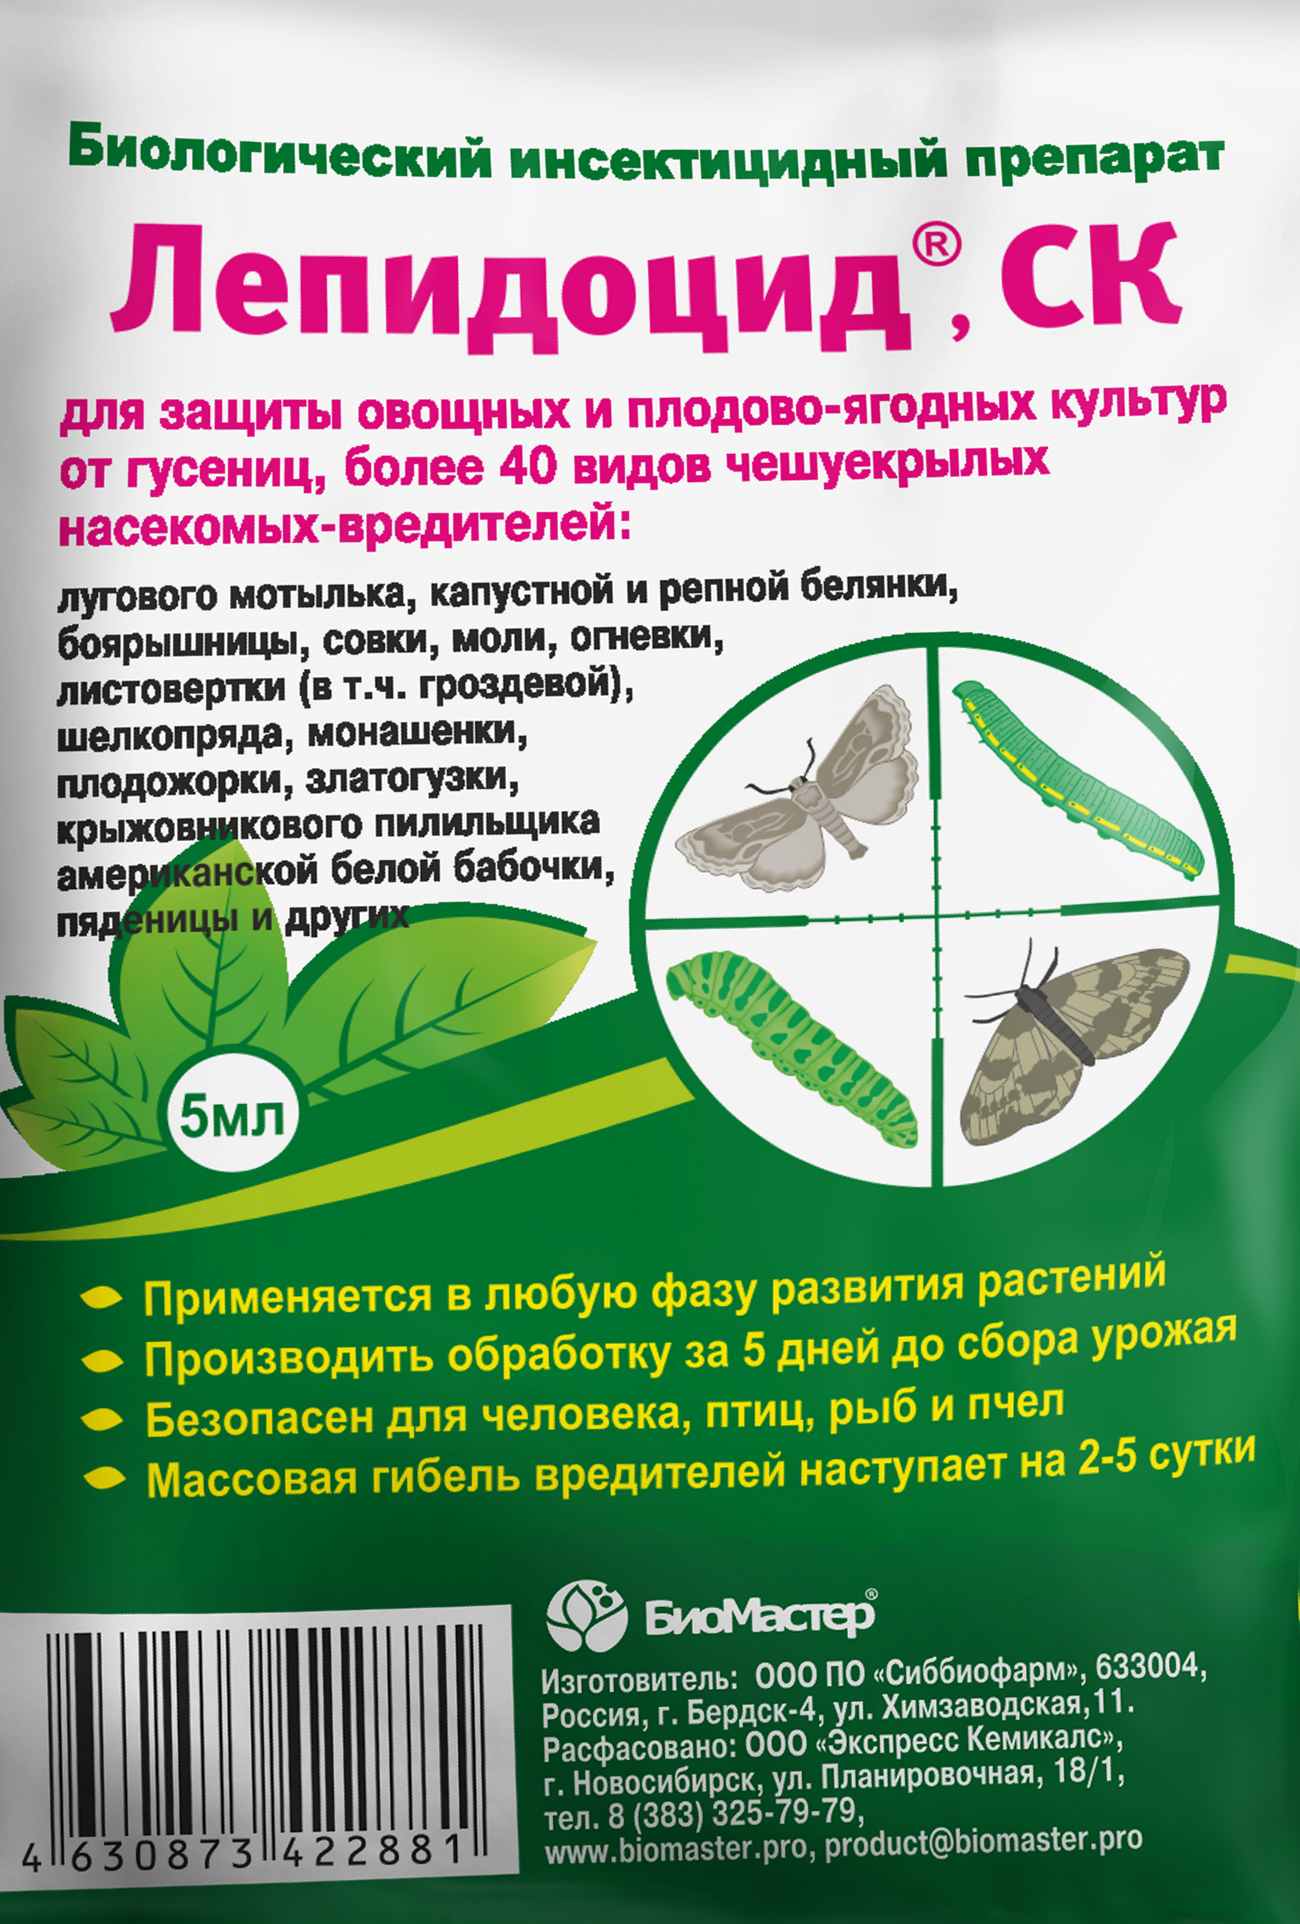 """Удобрение Биомастер Биоинсектицид """"Лепидоцид, СК"""", 5мл от гусениц и более 40 видов чешуекрылых насекомых-вредителей"""